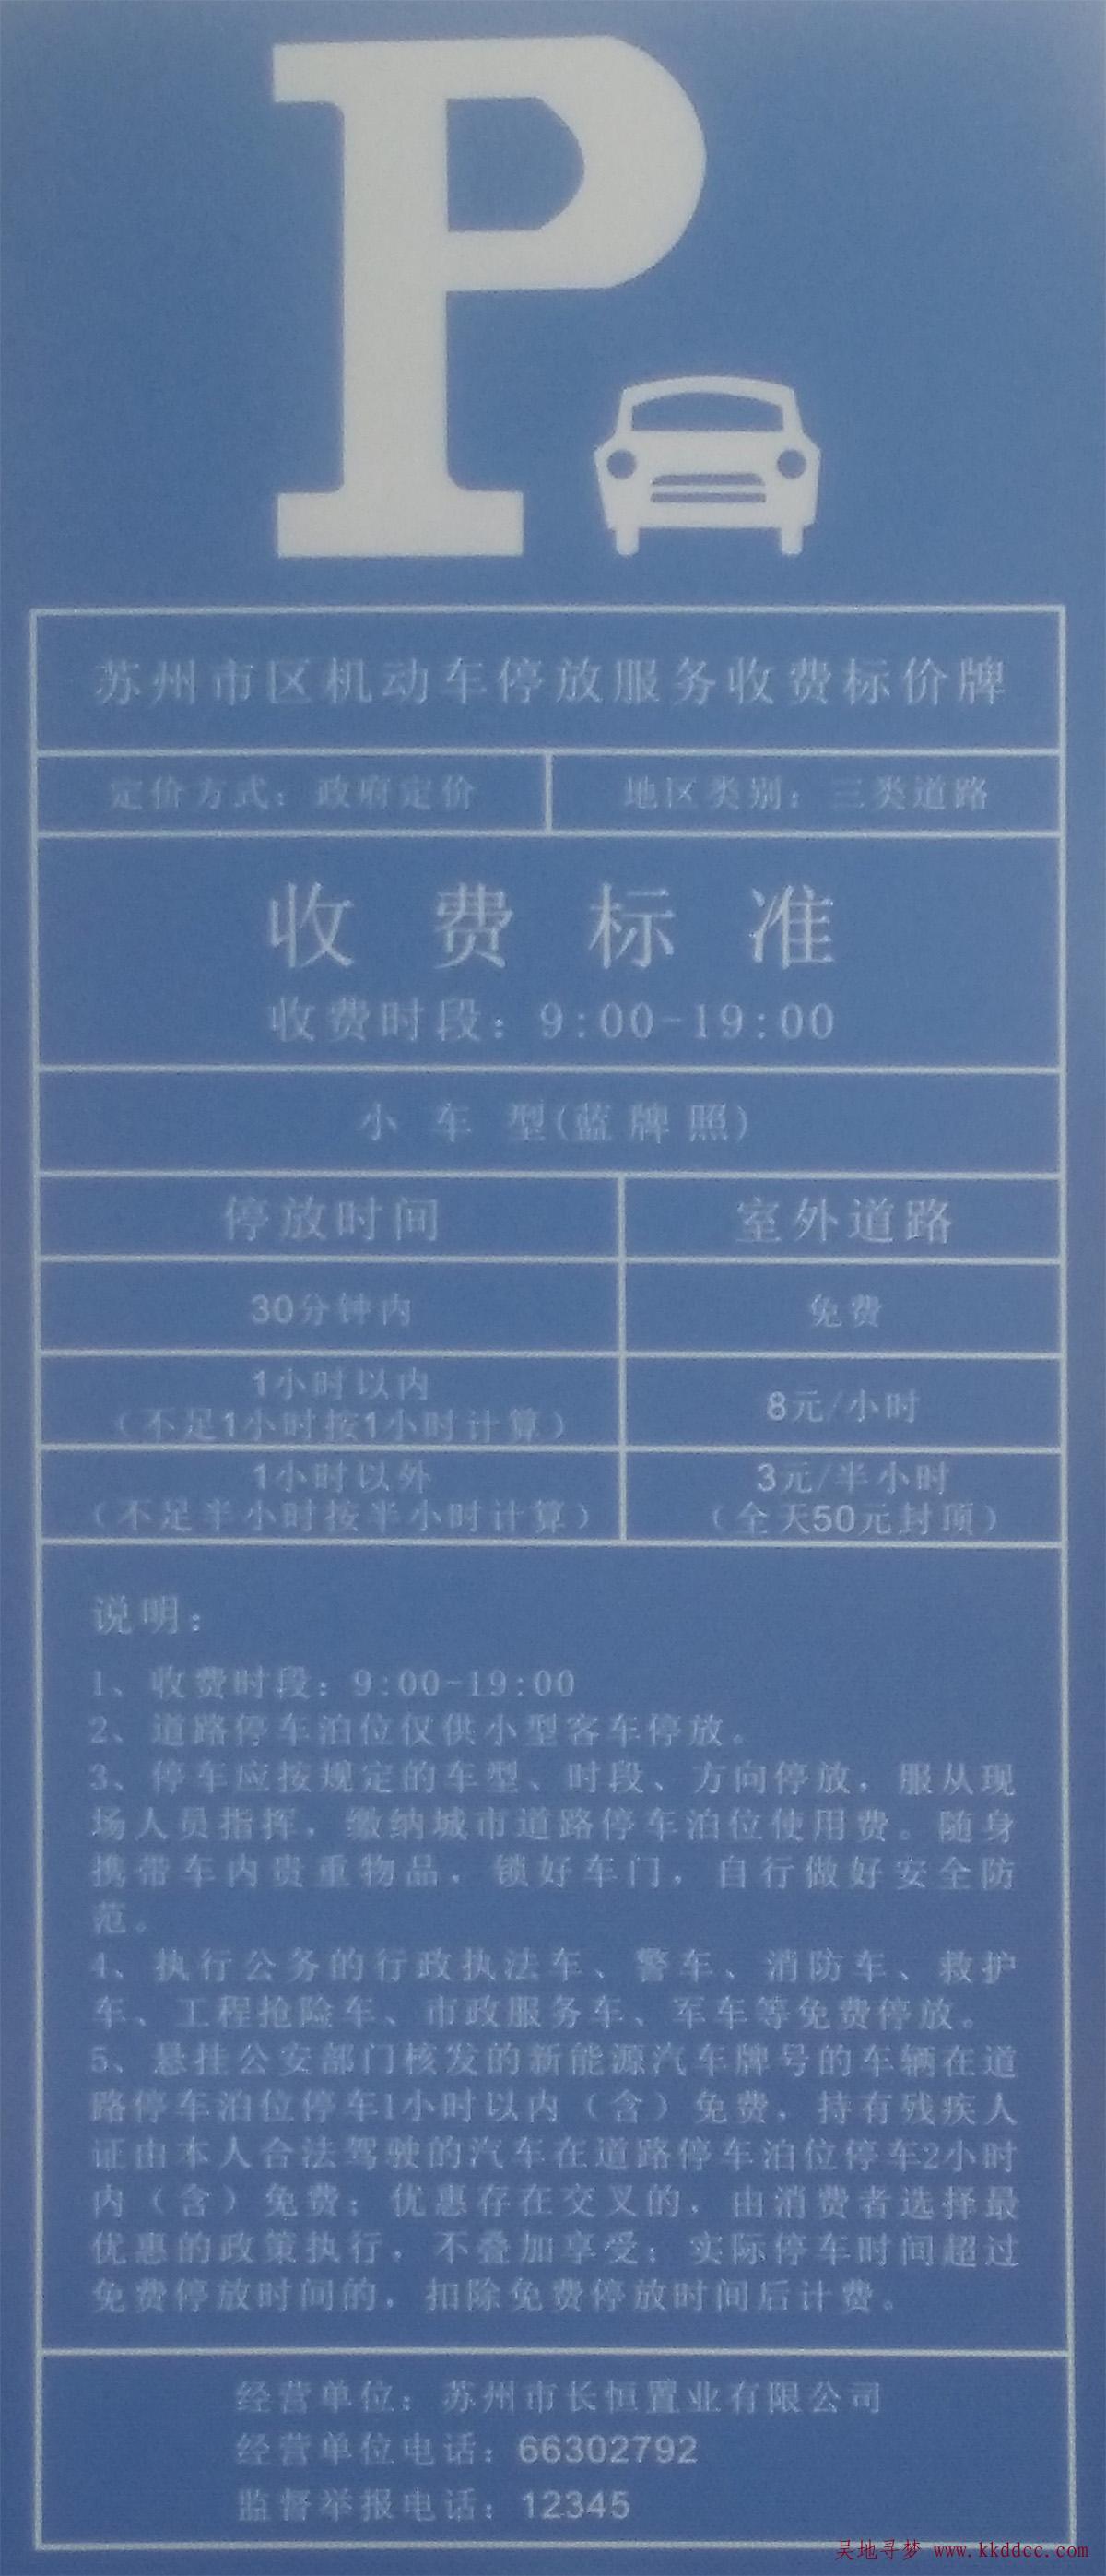 [停车收费] 苏州市盘蠡路水香六村附近道路停车收费标准